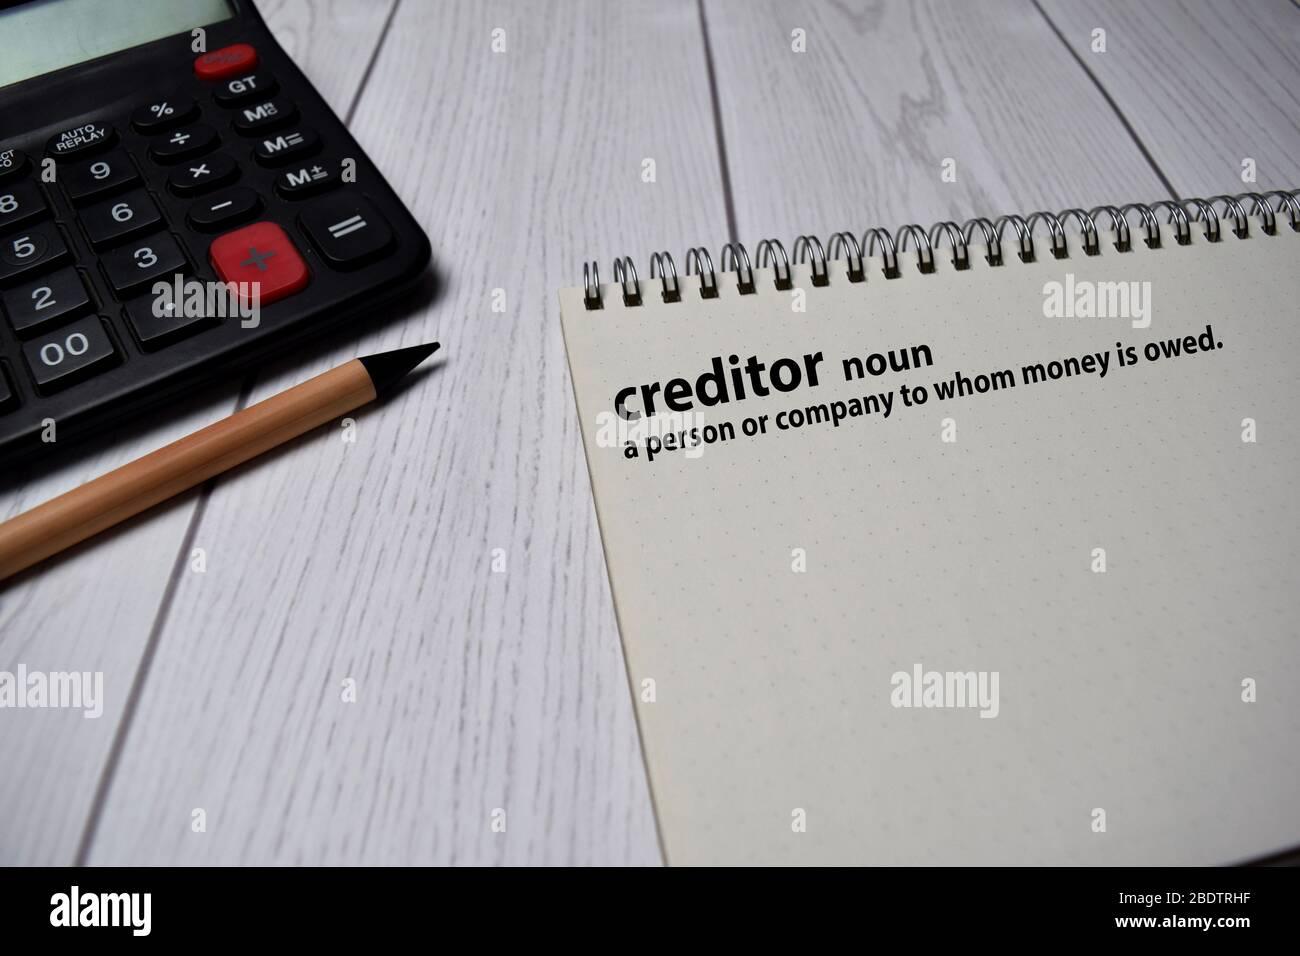 Definición de palabra acreedor con significado en un libro. Concepto de diccionario Foto de stock